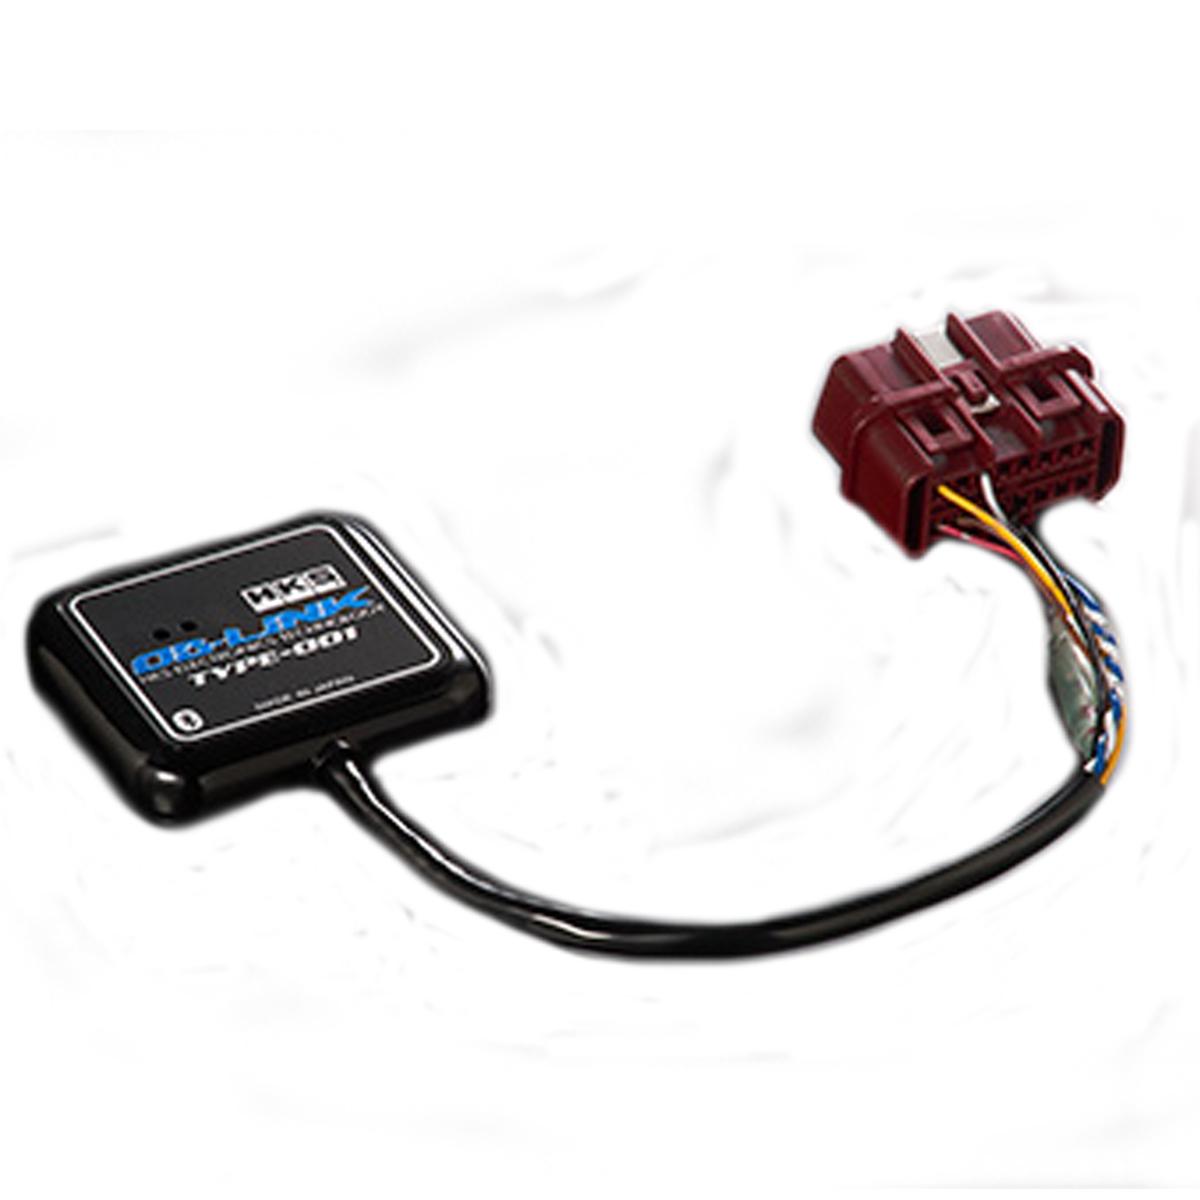 ストリーム モニター OBリンク タイプ 001 RN1 RN2 HKS 44009-AK002 エレクトリニクス